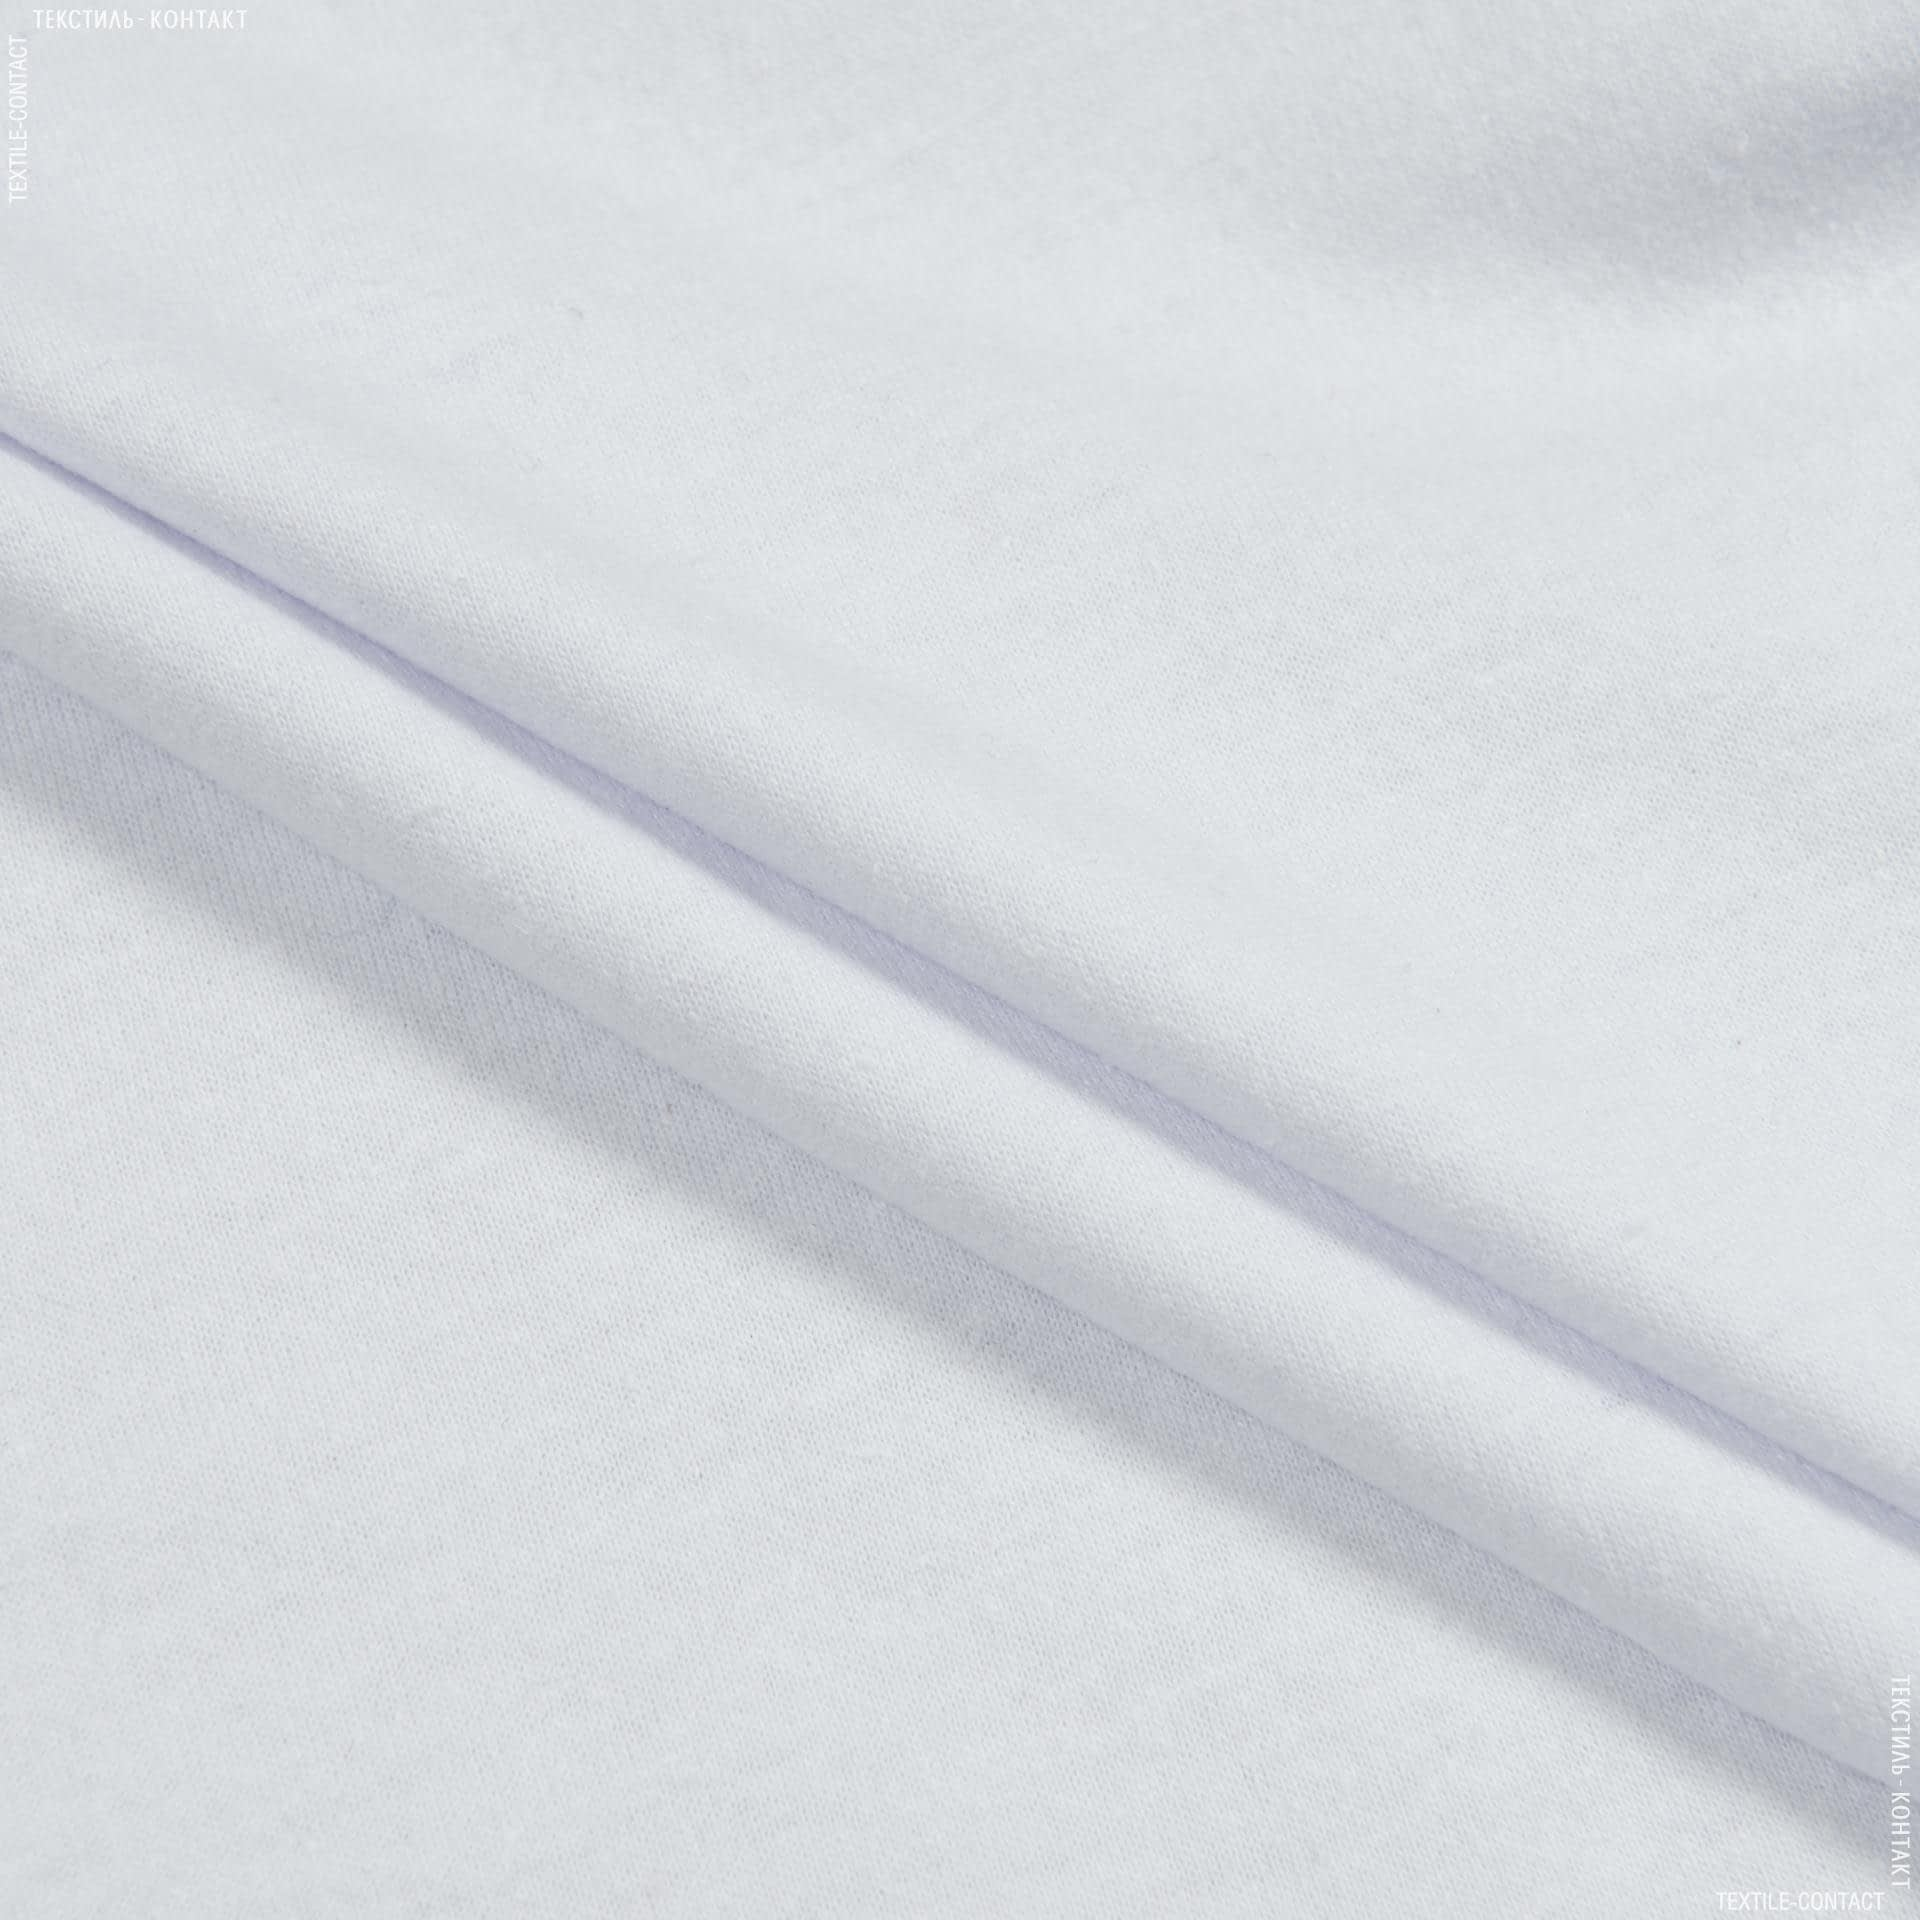 Ткани для детской одежды - Кулирное полотно  100см х 2 белый